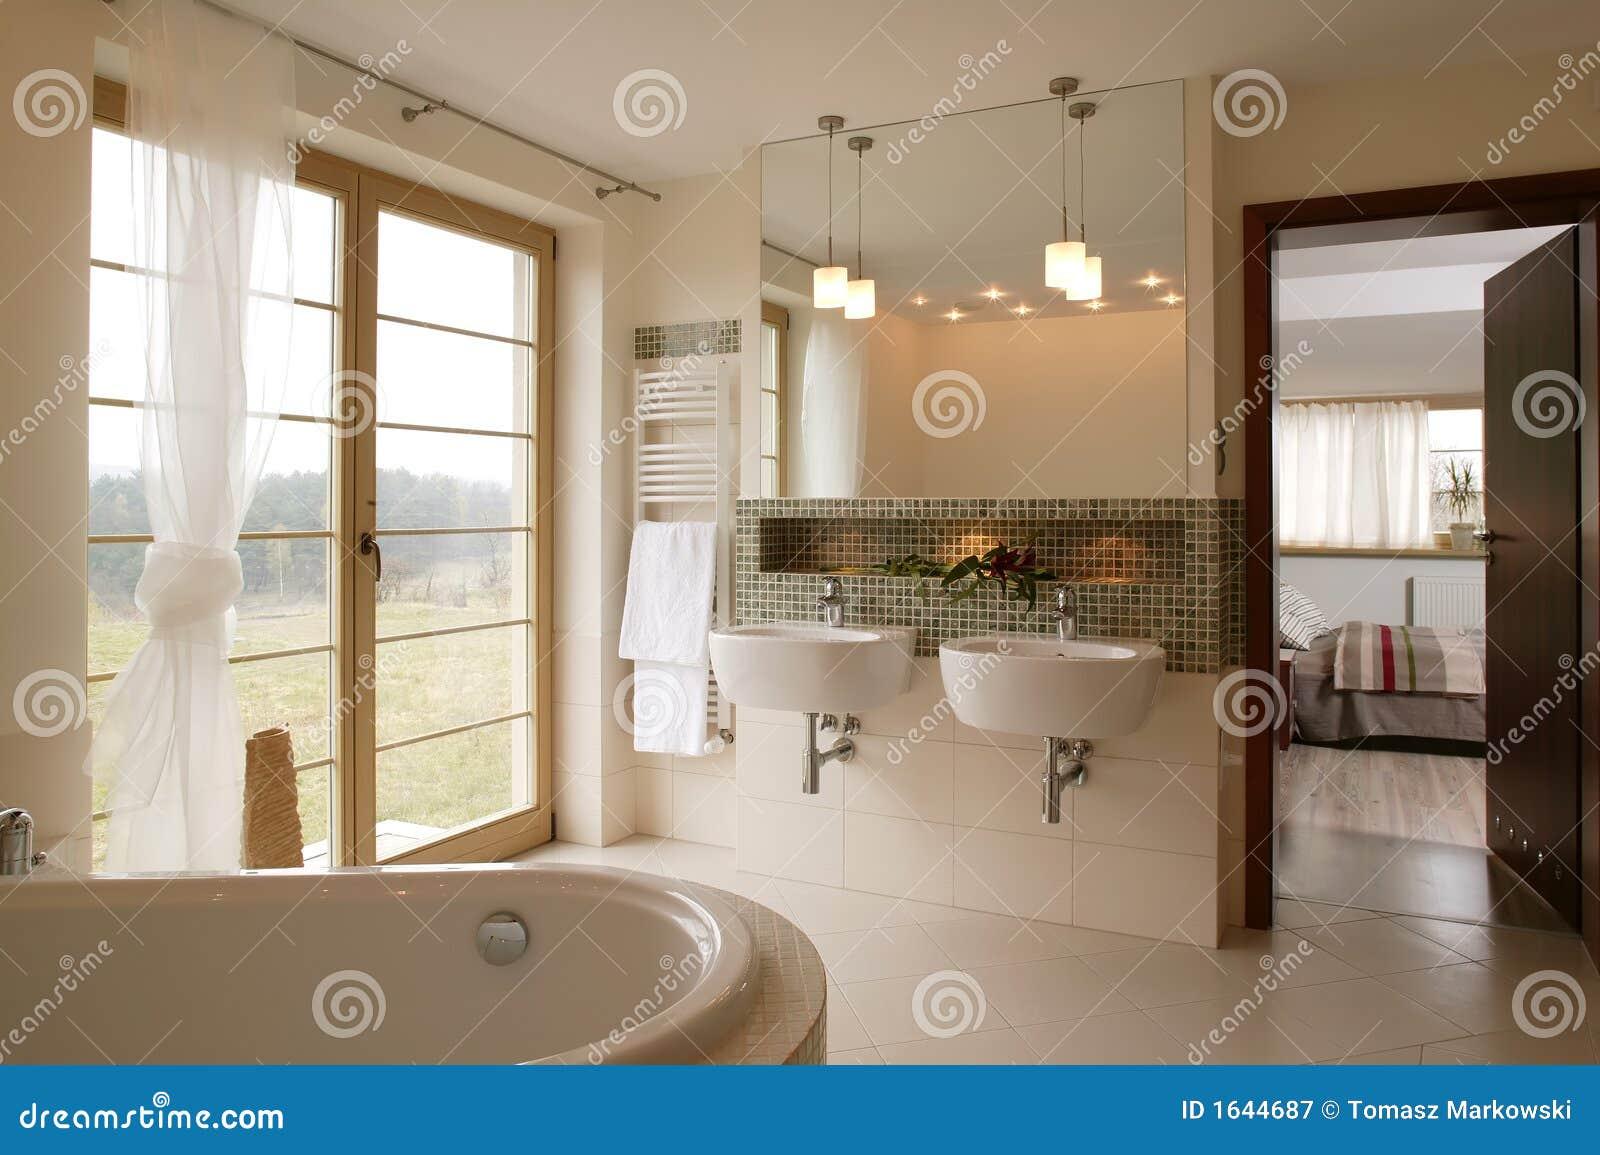 ванная комната удобная